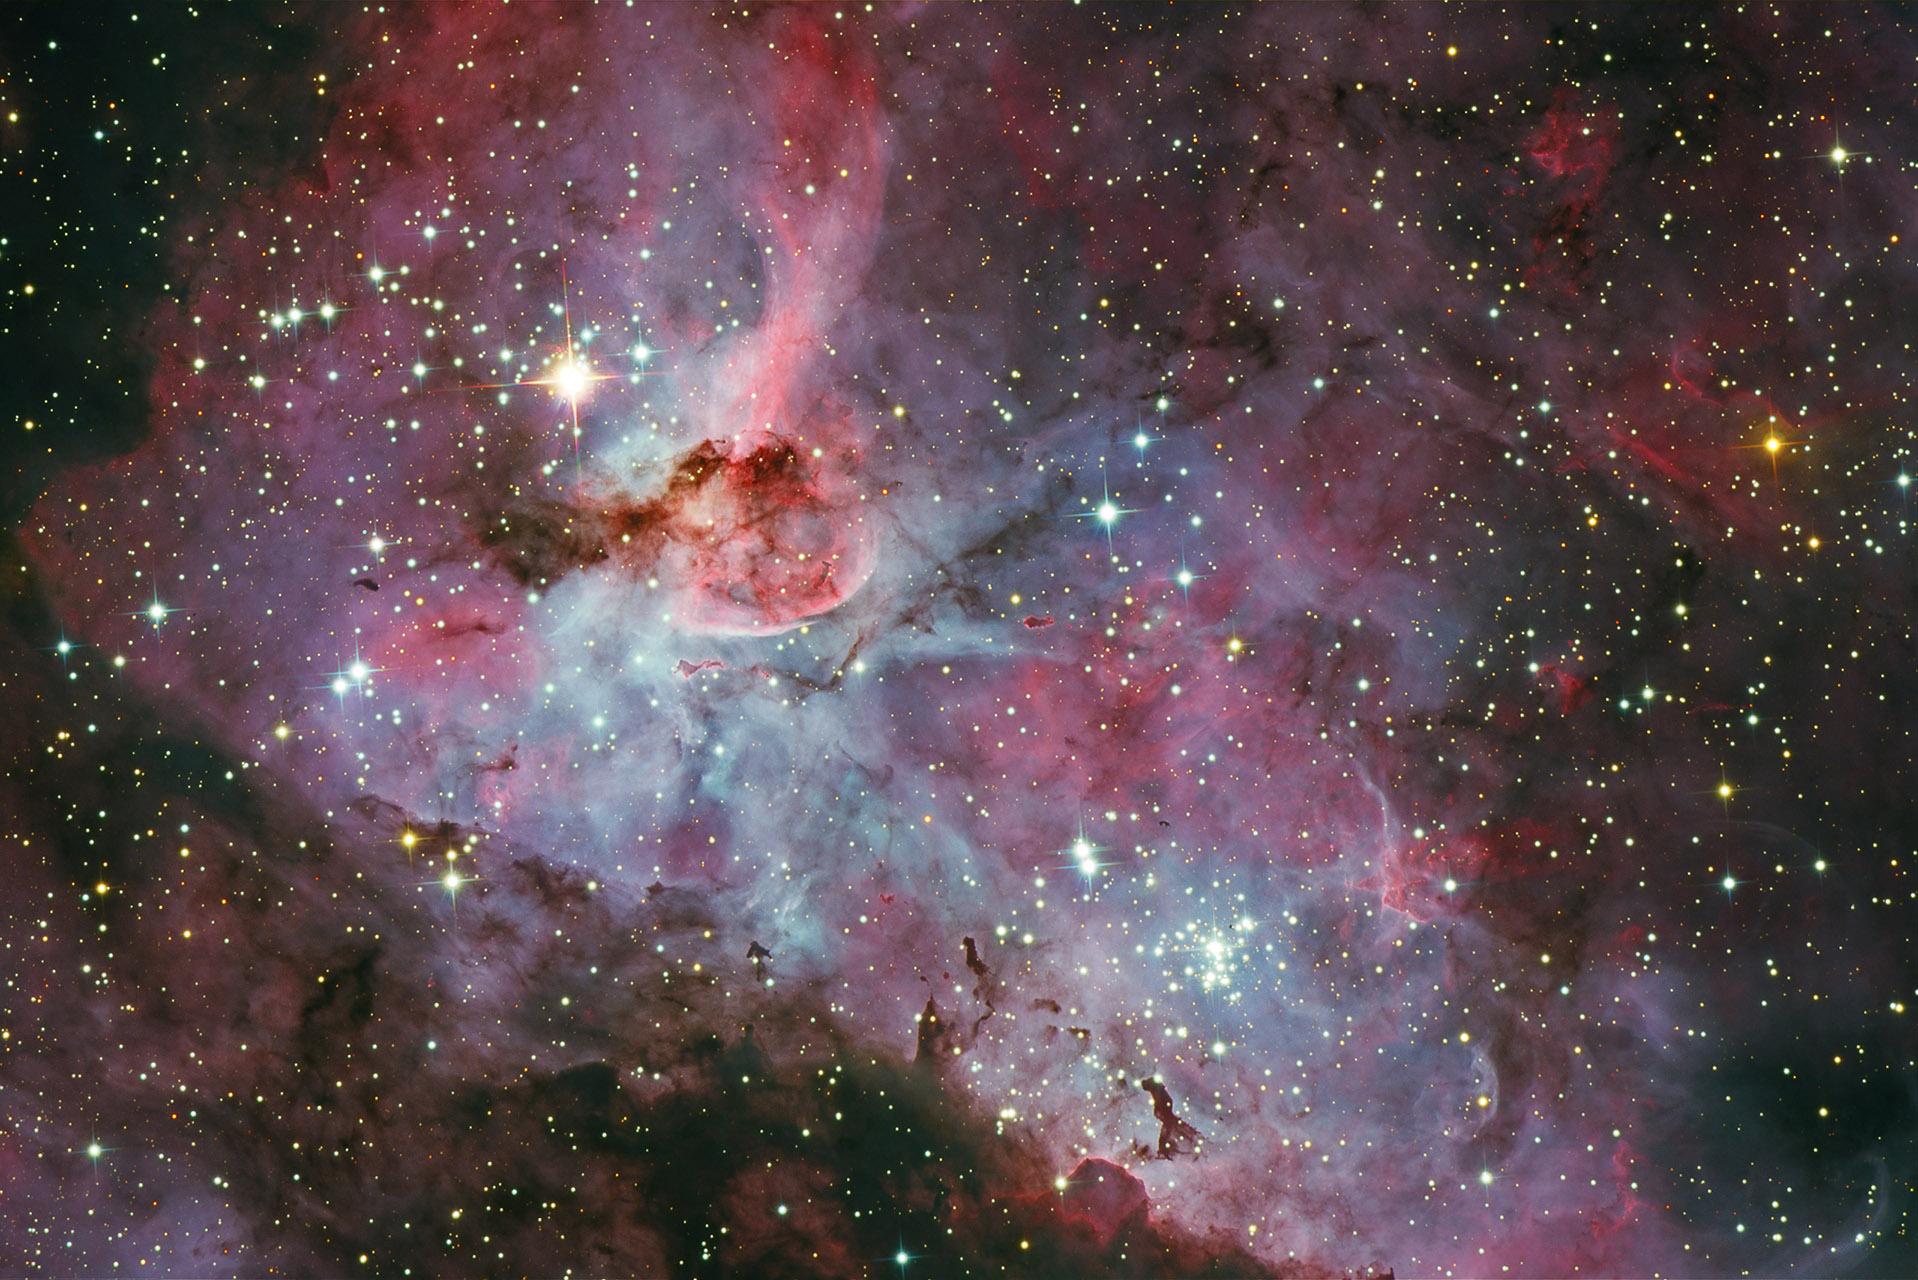 超大规模的恒星船底座伊塔星在一个巨大的气体和尘埃云中。它位于约7500光年远处。船底座伊塔星在1841年发生了巨大的爆发,使它成为一个的南方天空最亮的恒星。 这颗恒星非常不稳定,恒星旁充满的气体,造成壮观的船底座大星云(NGC 3372),我们今天所看到的,是不同发光颜色在不同的电离层表现的,气壳正在以约每小时150万英里速度膨胀,整个星云跨度为300光年。 此图片采用了RGB滤波器(顶部)和窄带滤波器映射的图像(中)。::42:: ::42:: ::42::